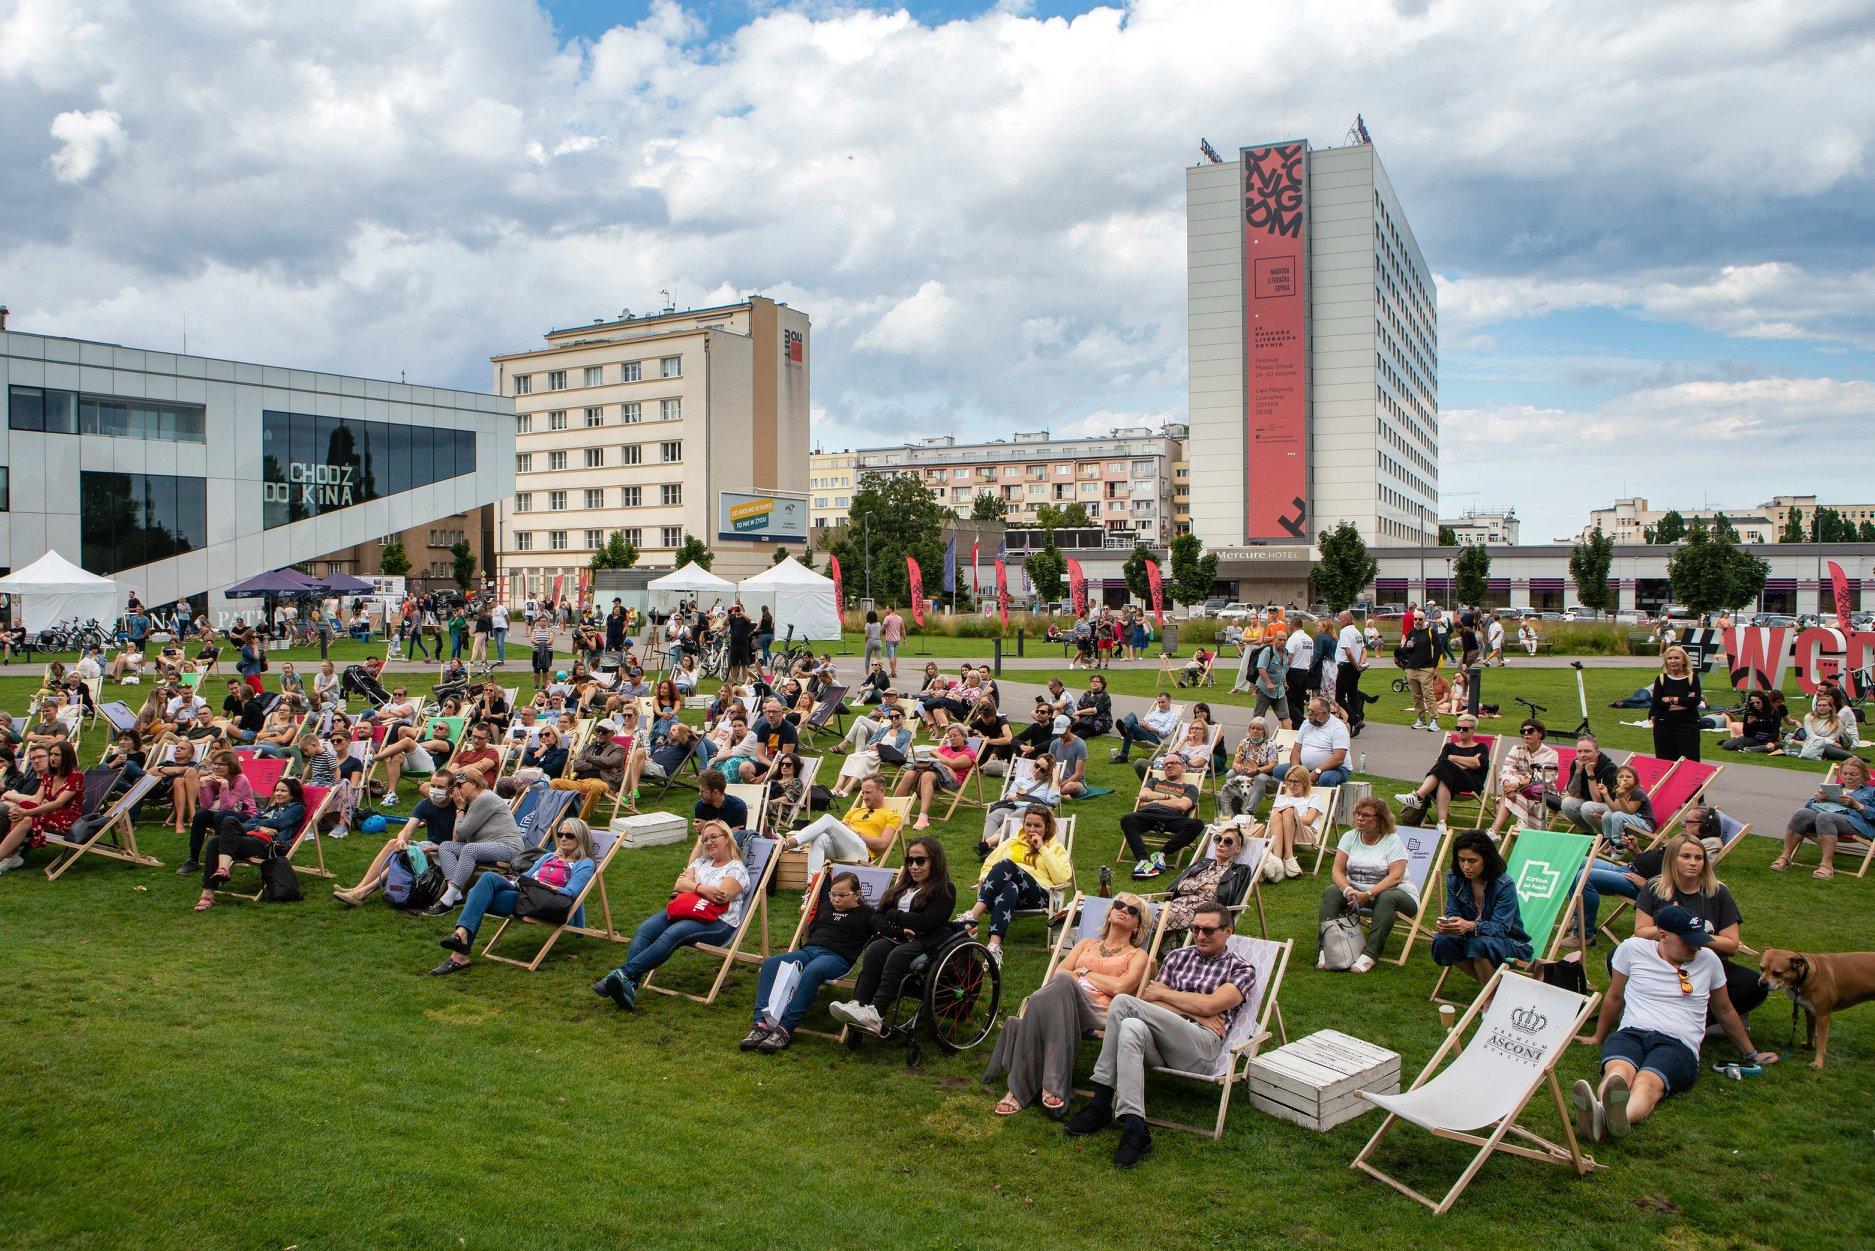 Festiwal Miasto Słowa w roku 2020